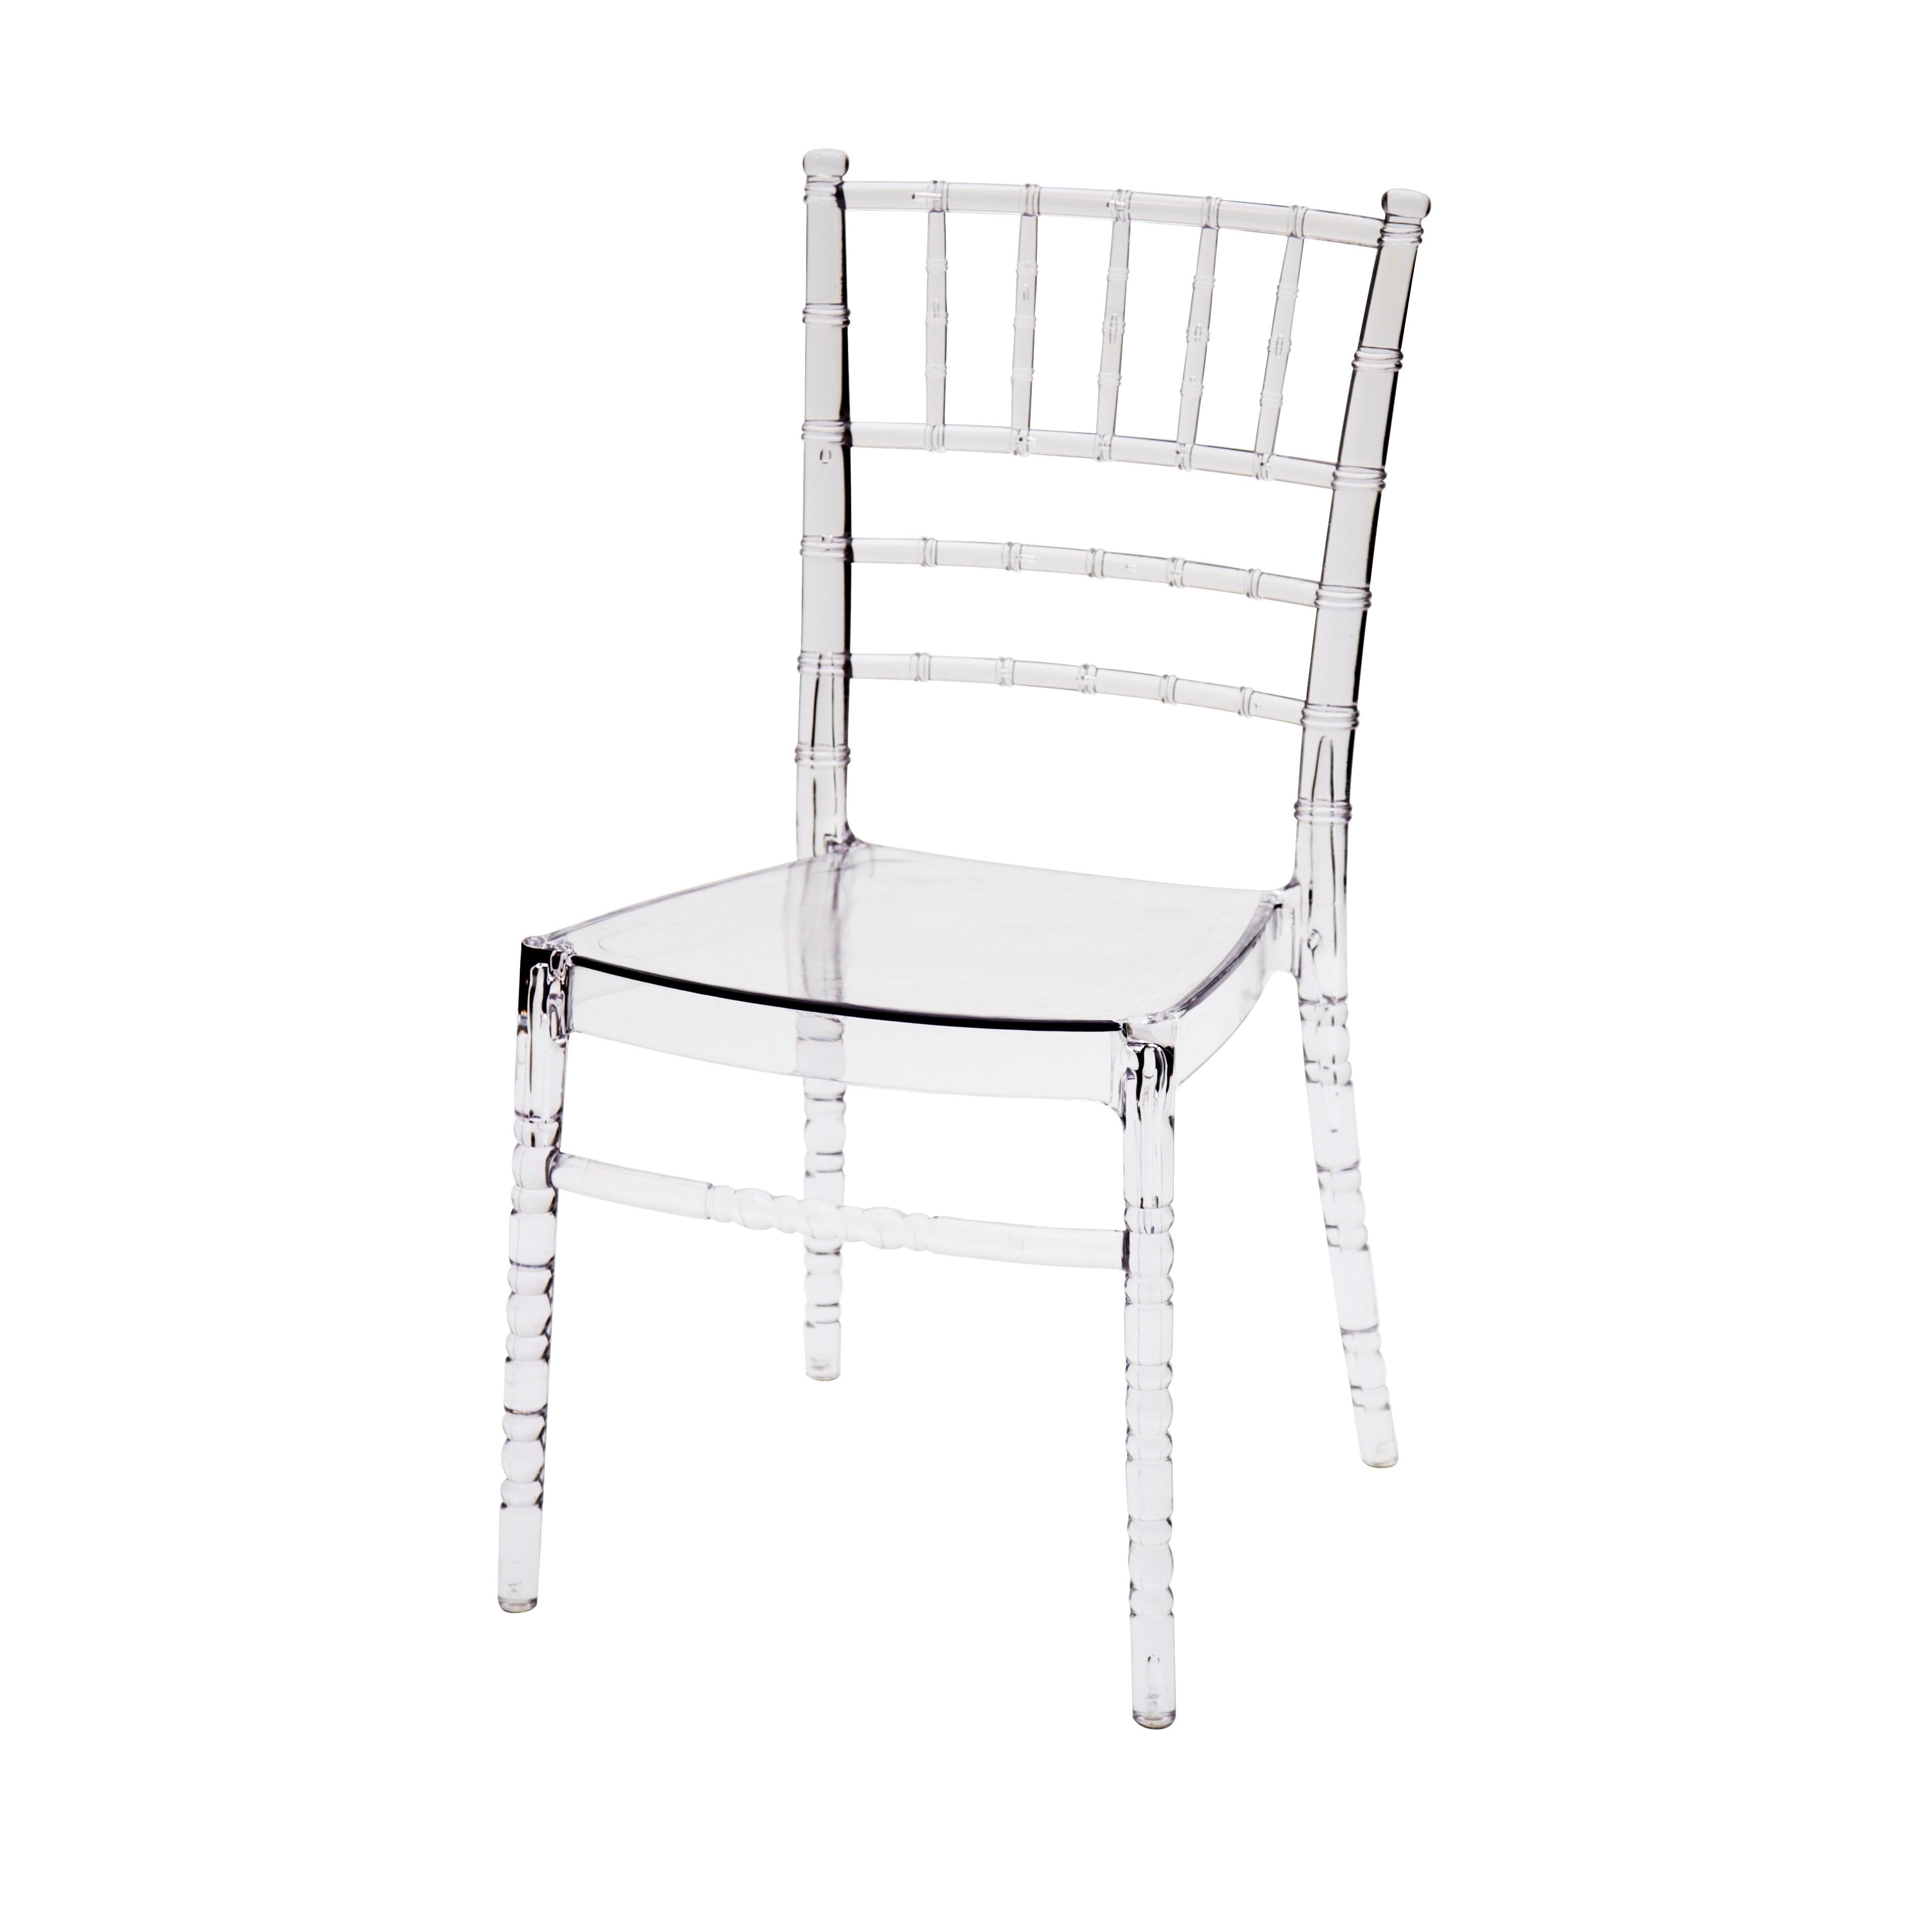 Sedia in Polipropilene Colore Trasparente 4 Pezzi